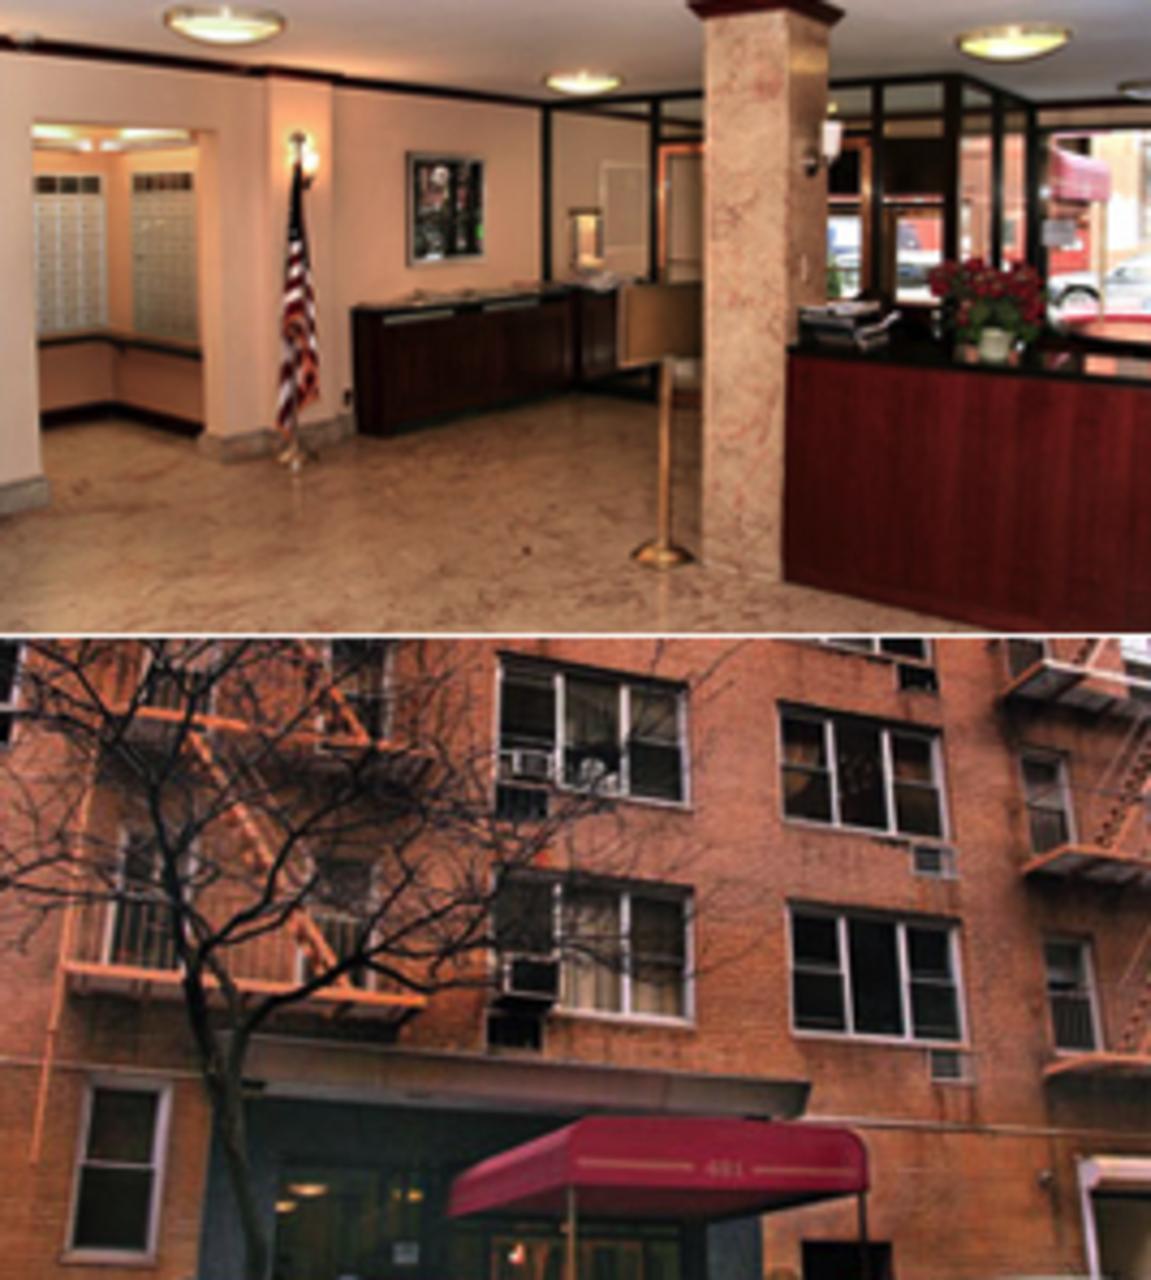 401 West 56th Street Rentals